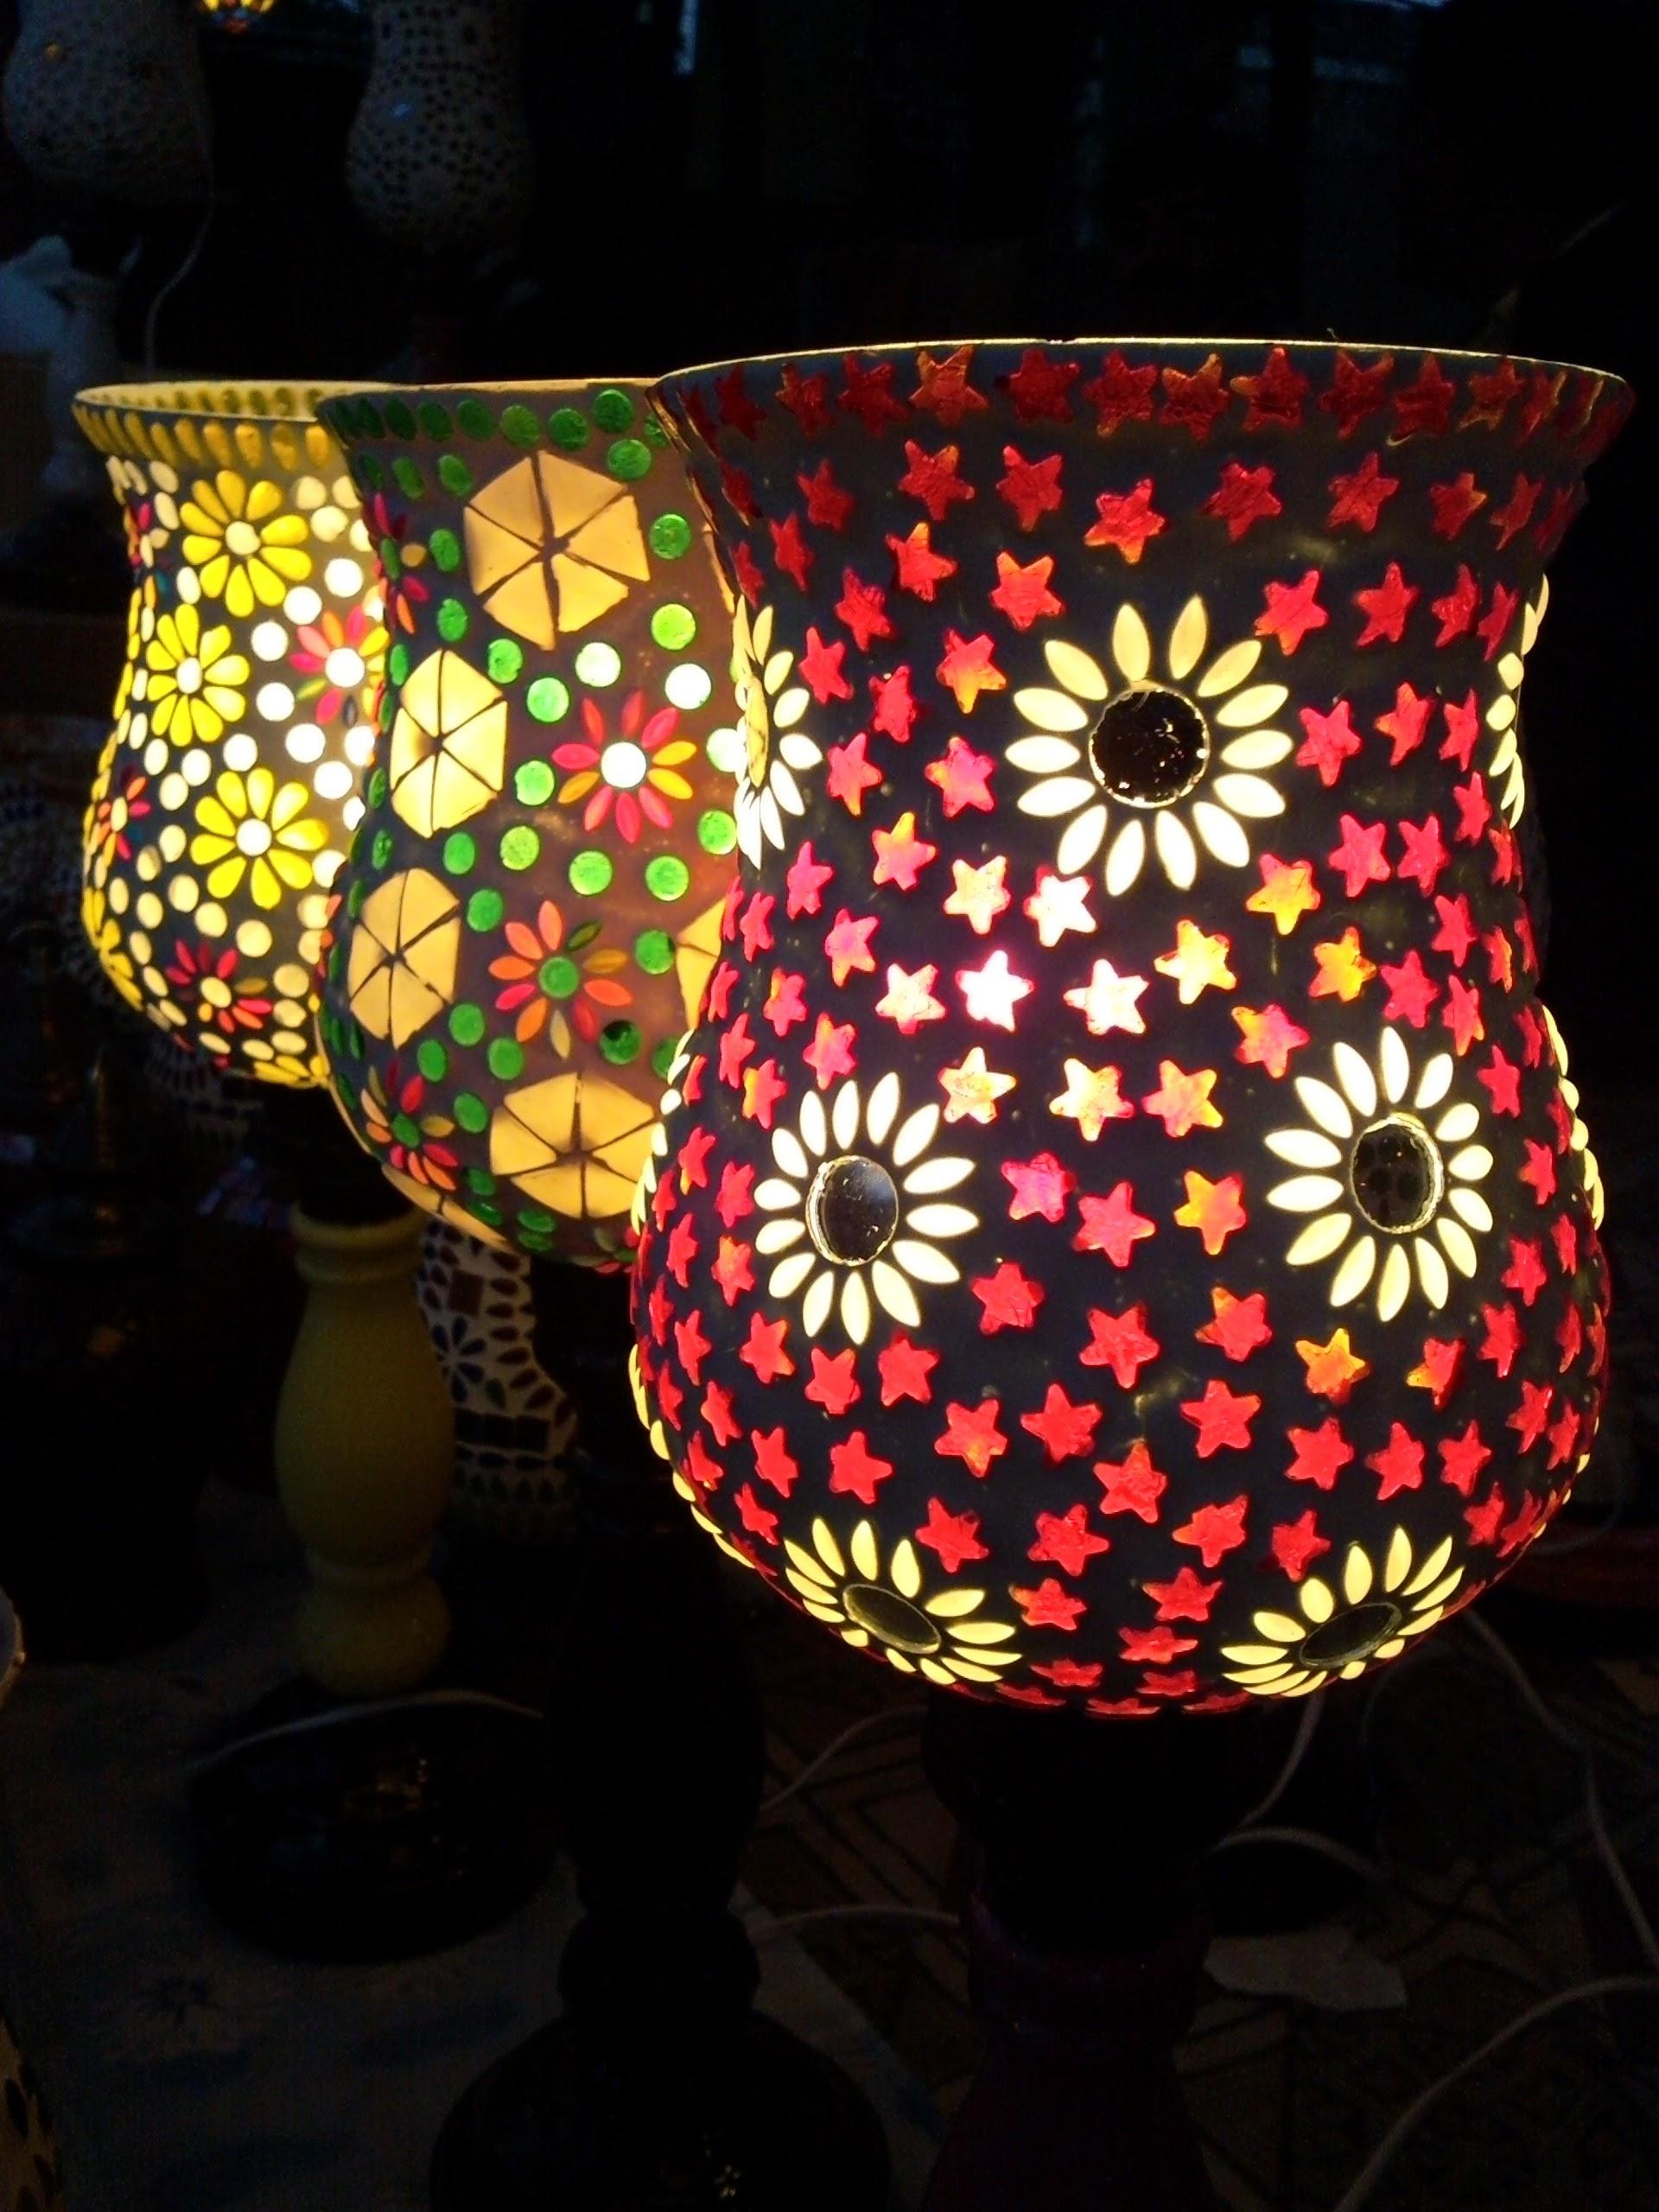 Free stock photo of light, art, flowers, dark